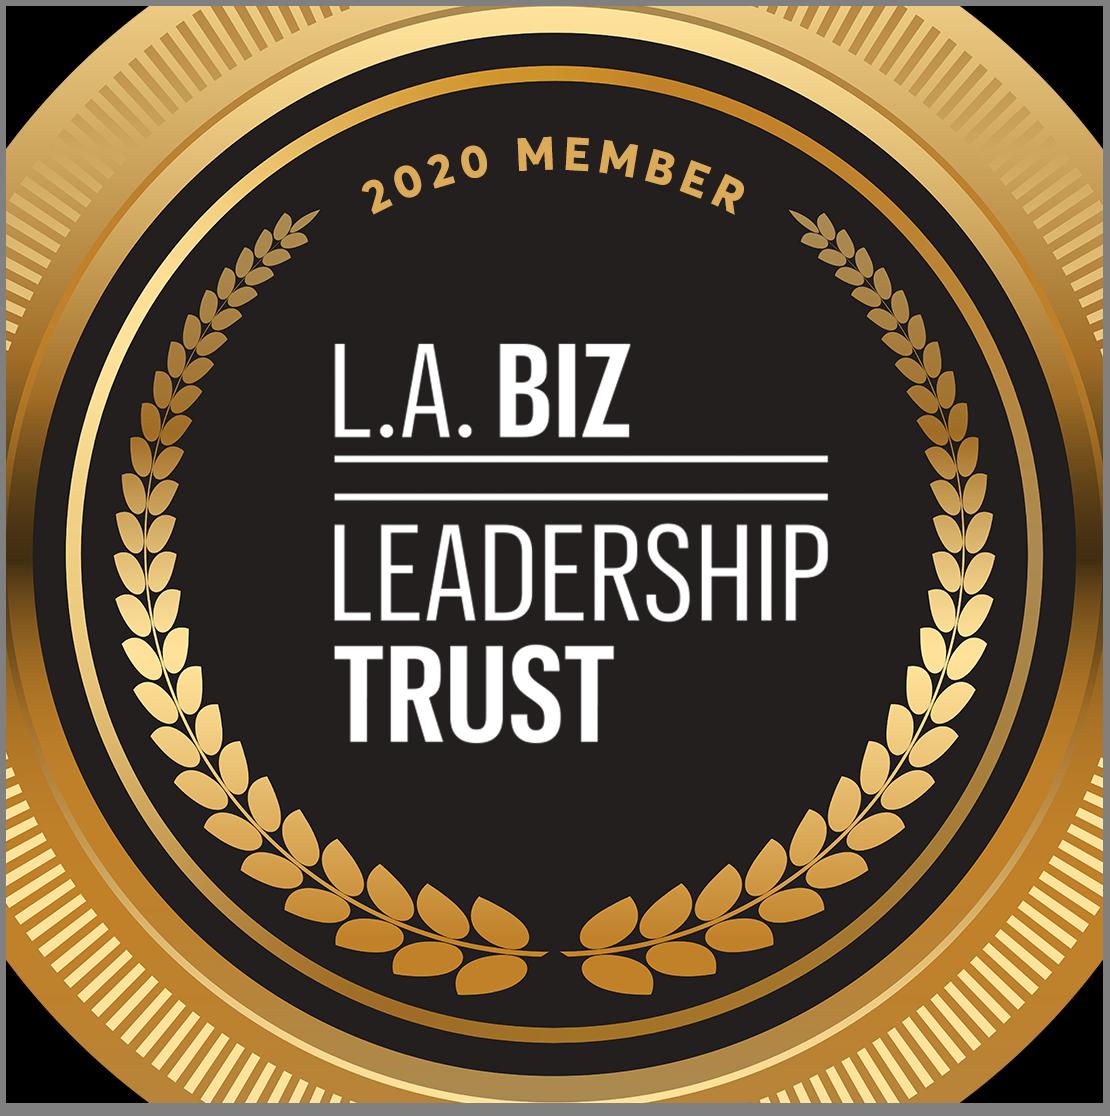 L.A. BIZ Leadership Trust